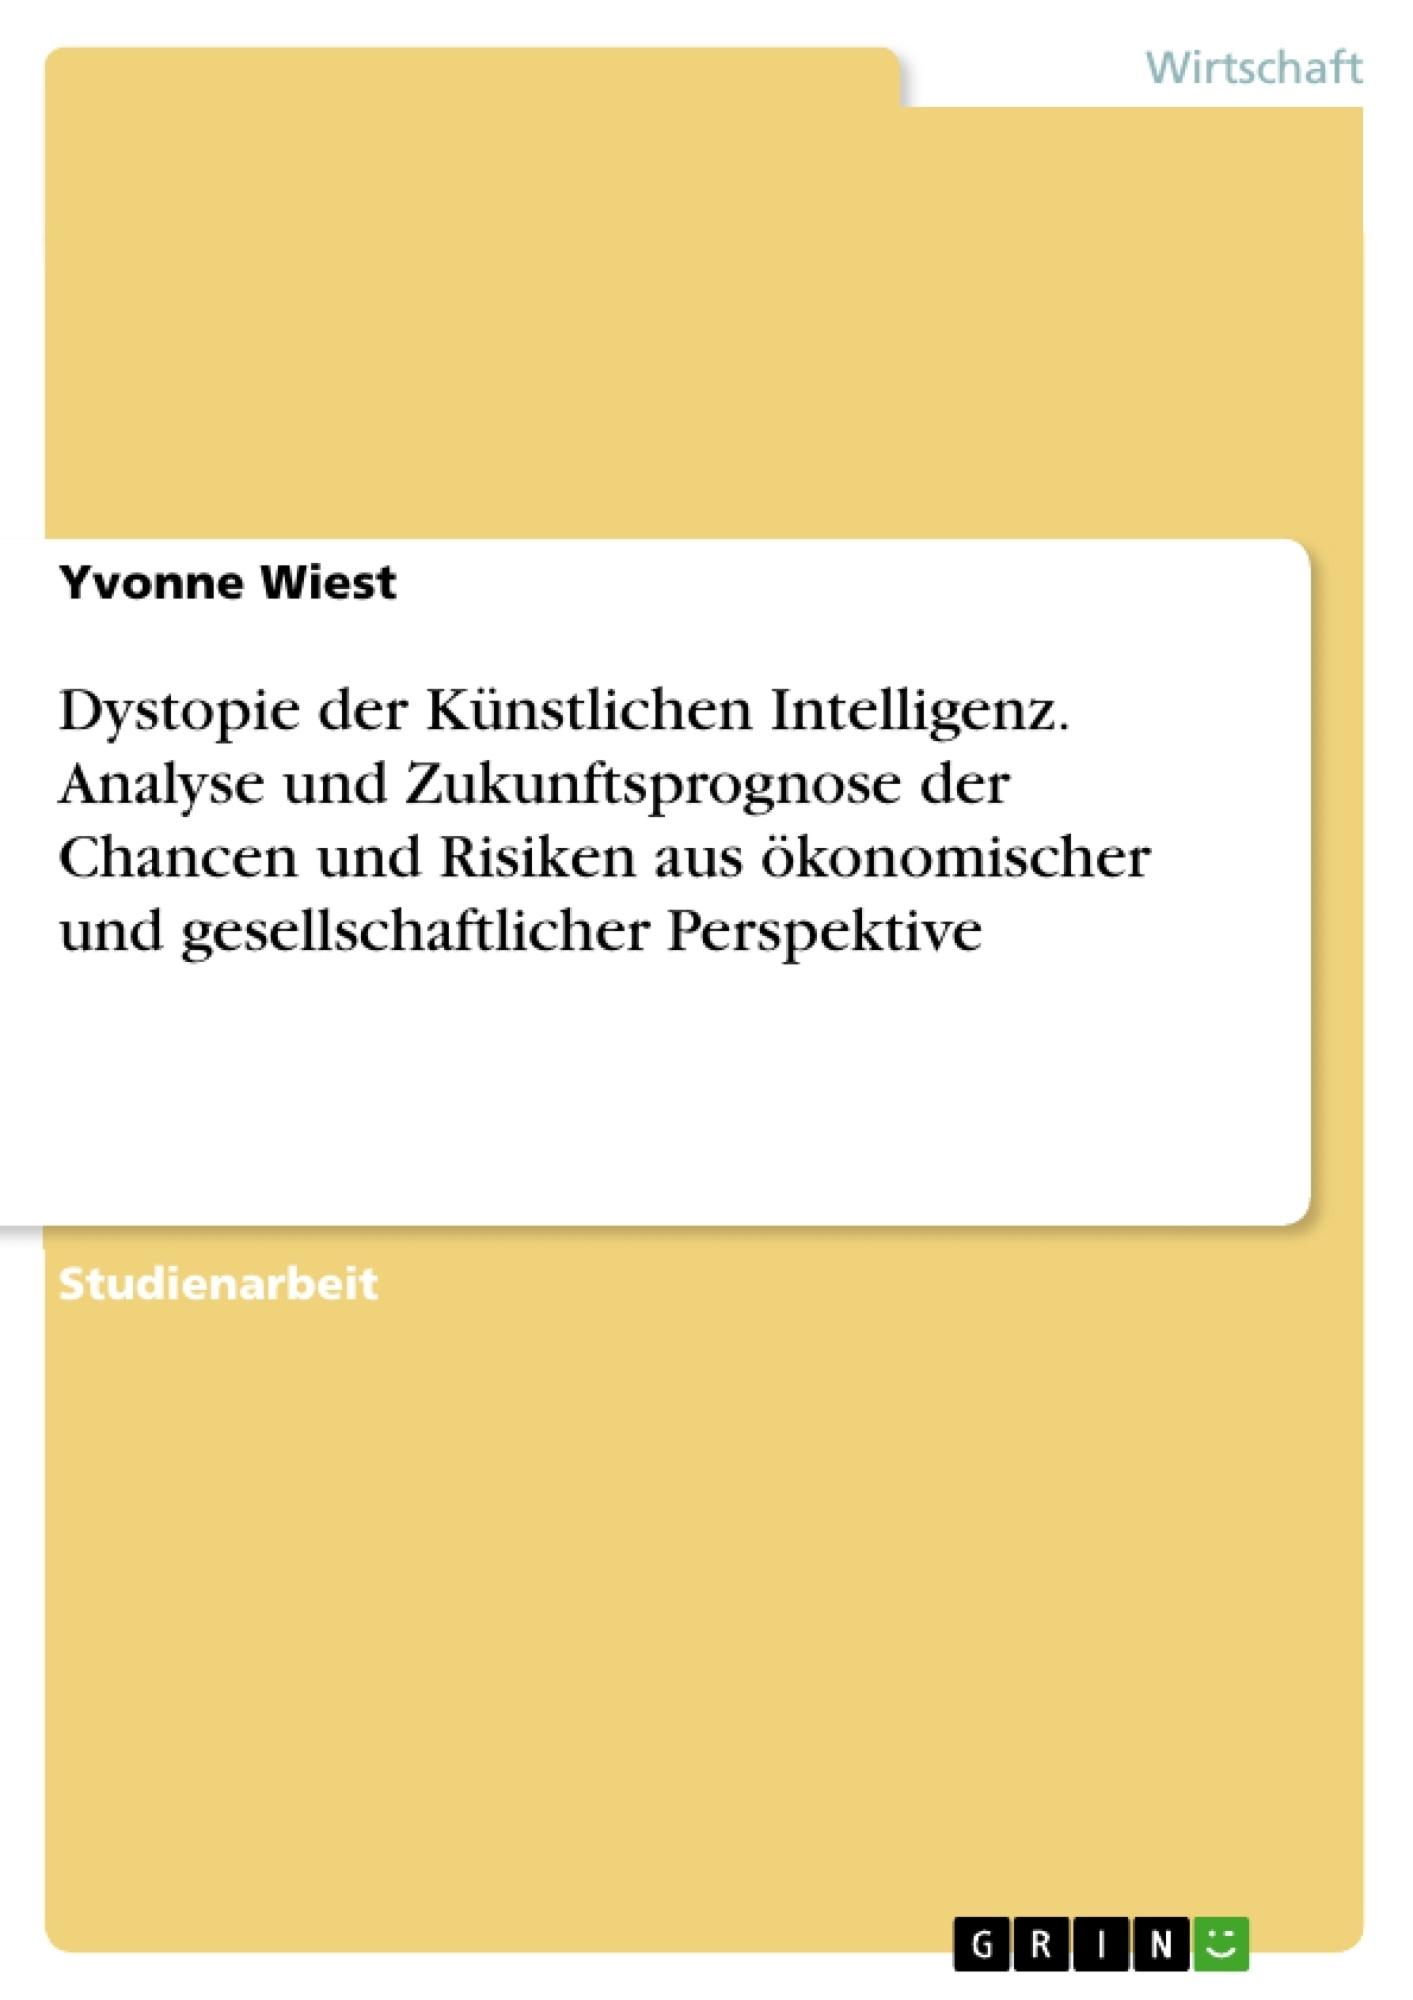 Titel: Dystopie der Künstlichen Intelligenz. Analyse und Zukunftsprognose der Chancen und Risiken aus ökonomischer und gesellschaftlicher Perspektive